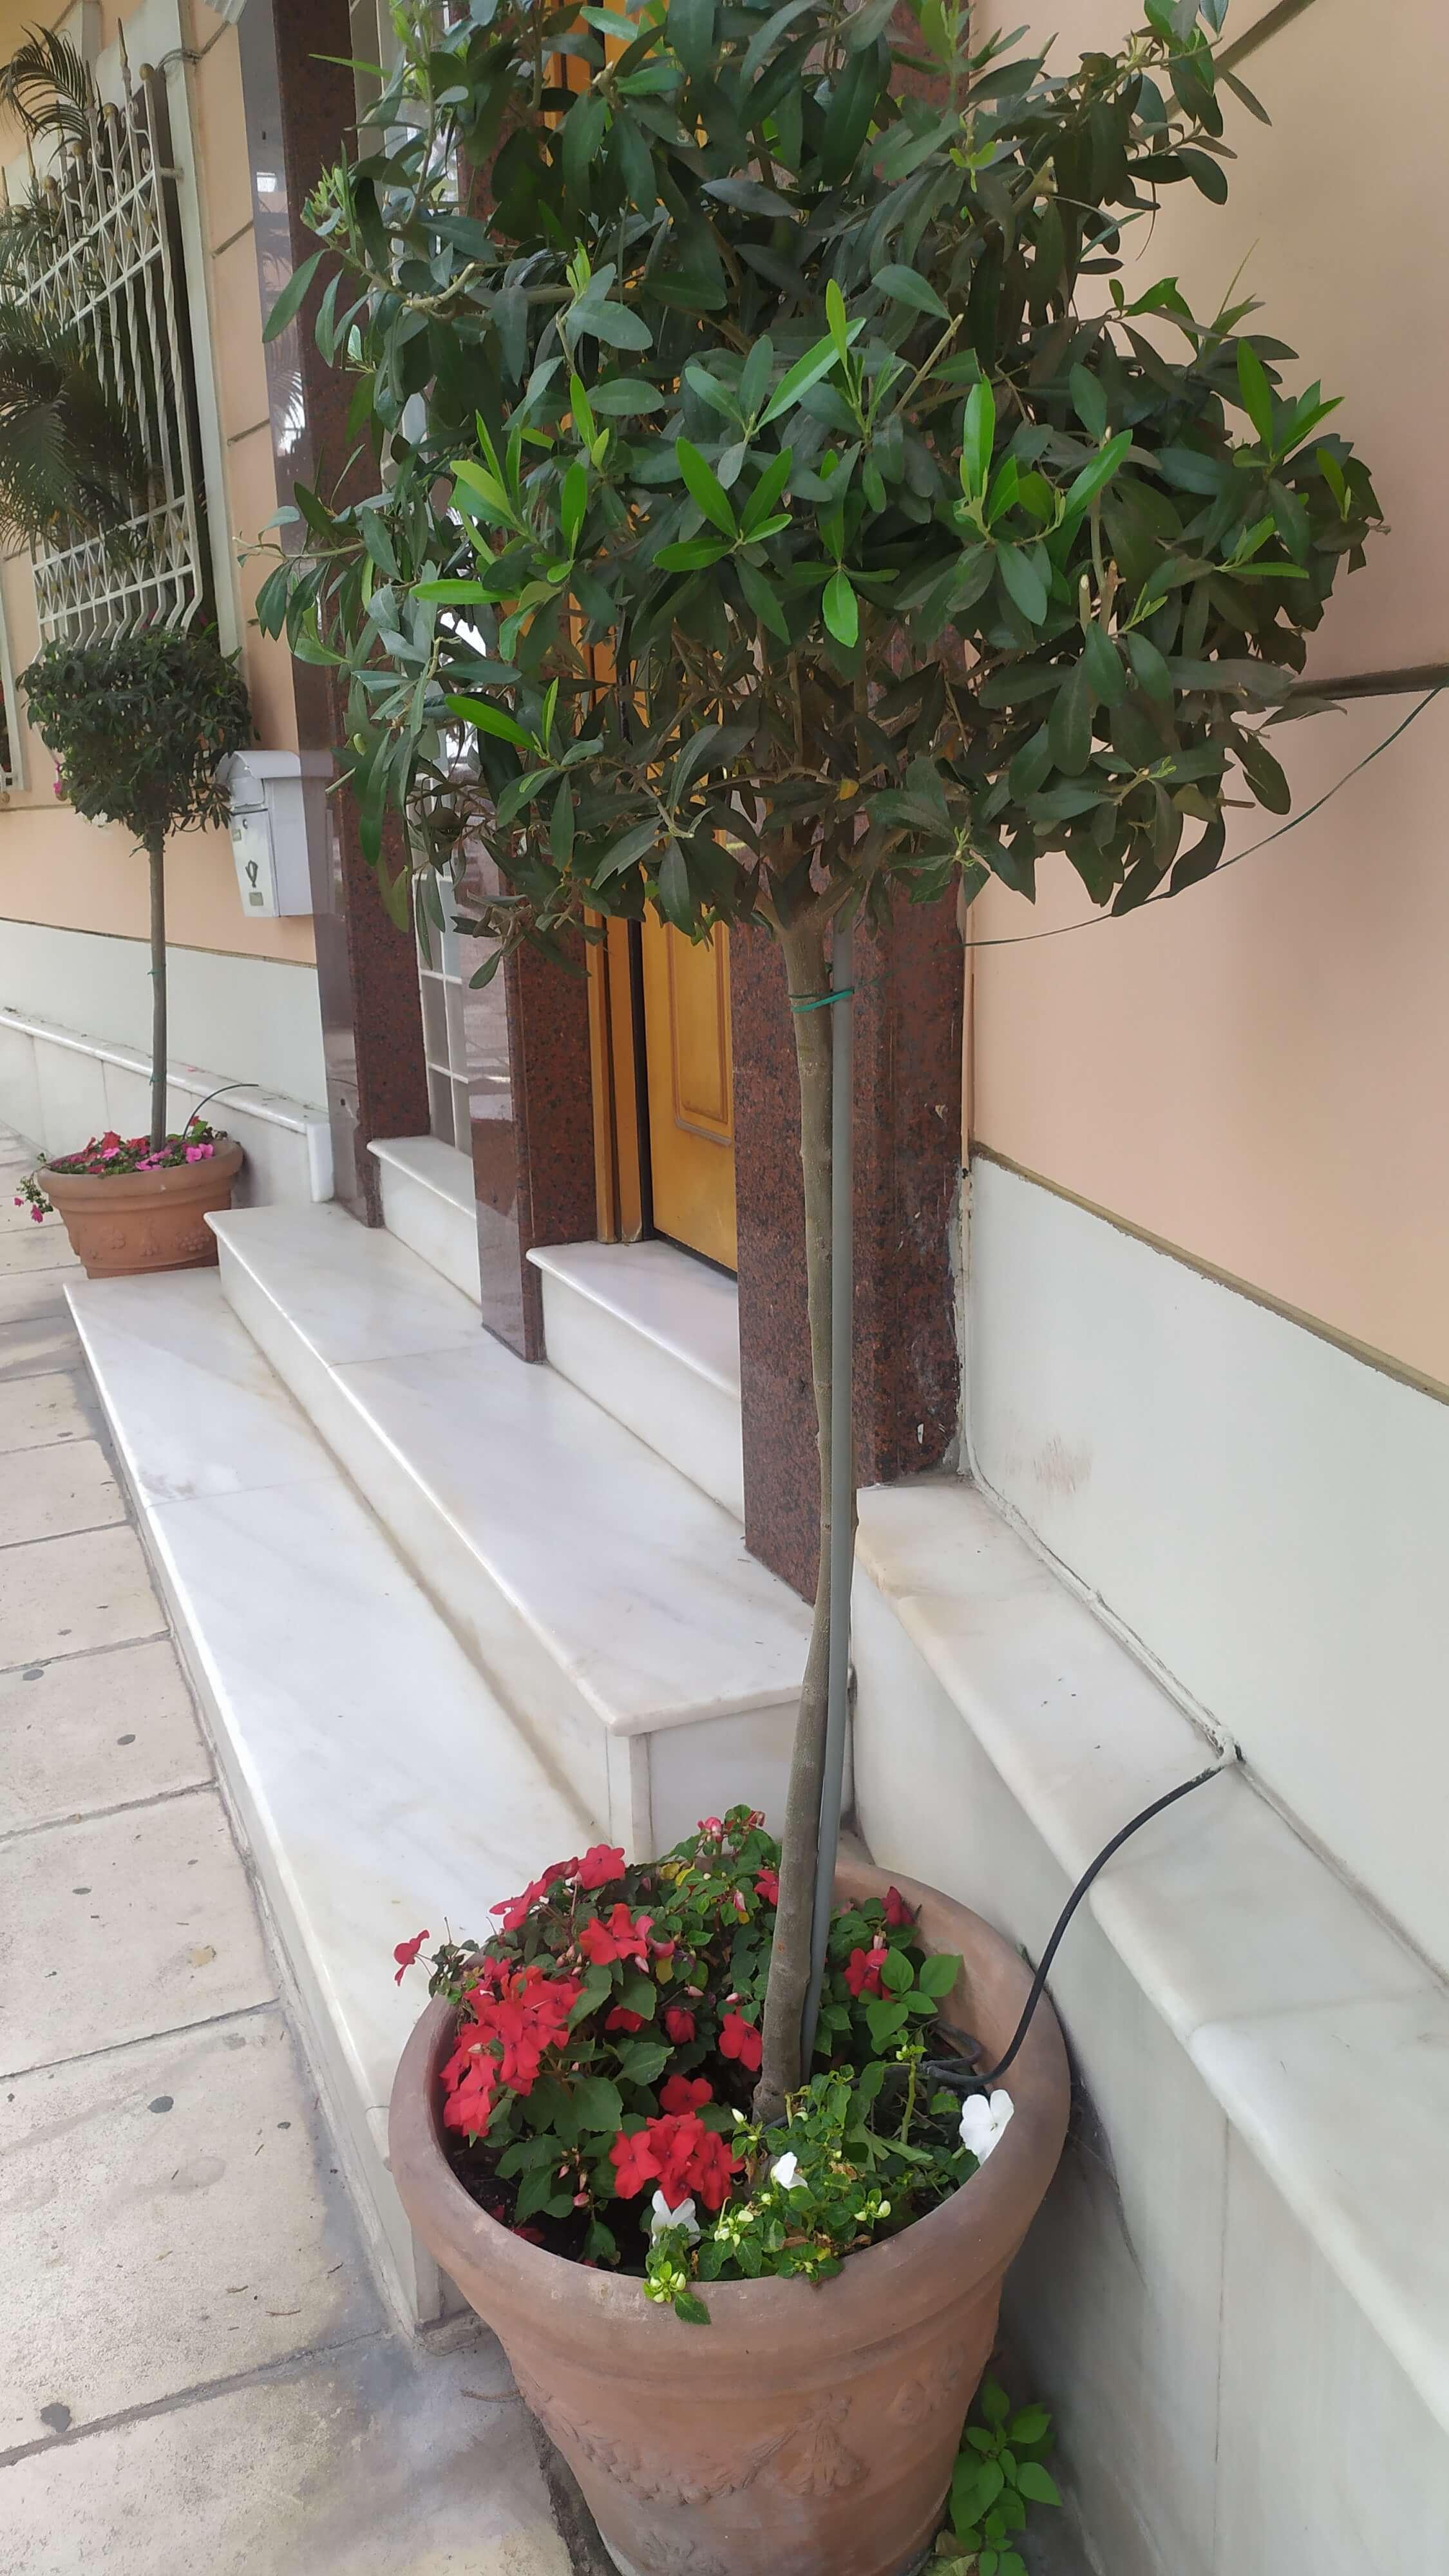 Καλύψτε με ιμπάτιενς  το κενό της γλάστρας, όπου καλλιεργείτε ένα μεγάλο φυτό με κεντρικό στέλεχος.